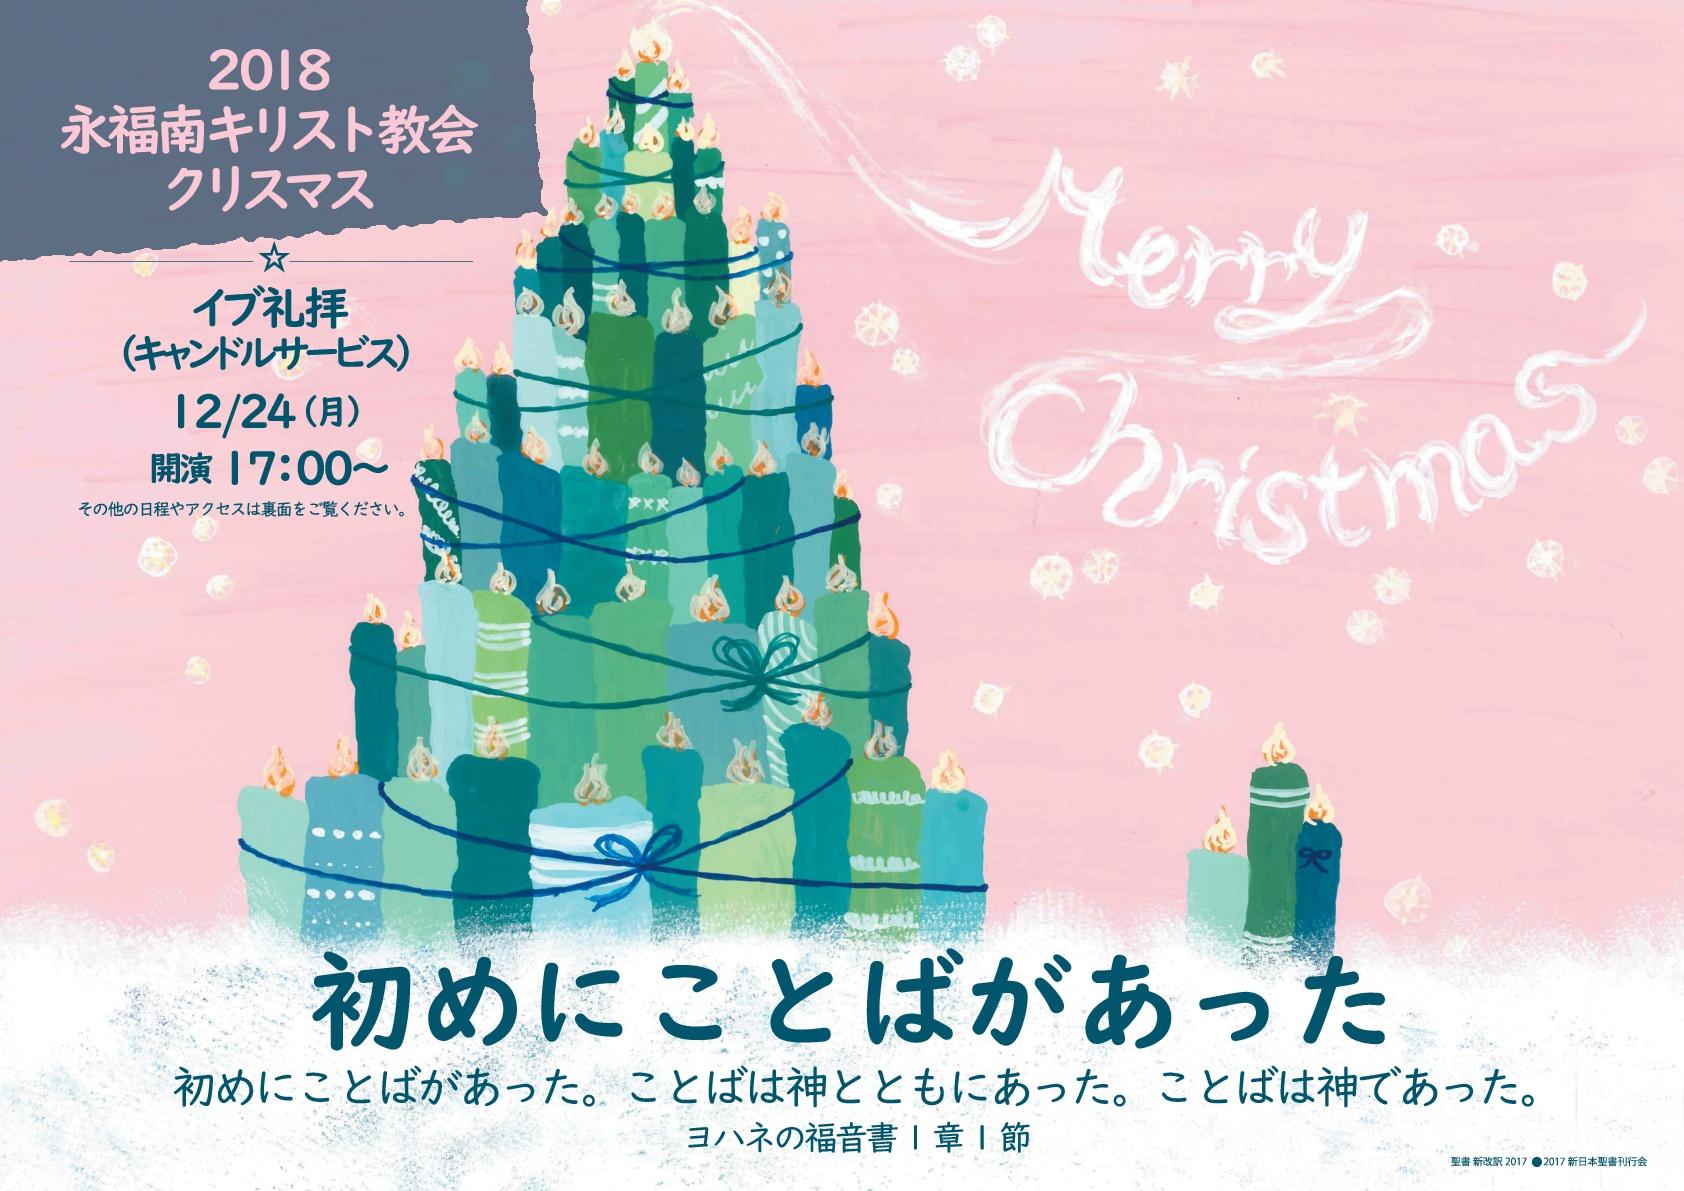 2018永福南キリスト教会クリスマス初めに言葉があった